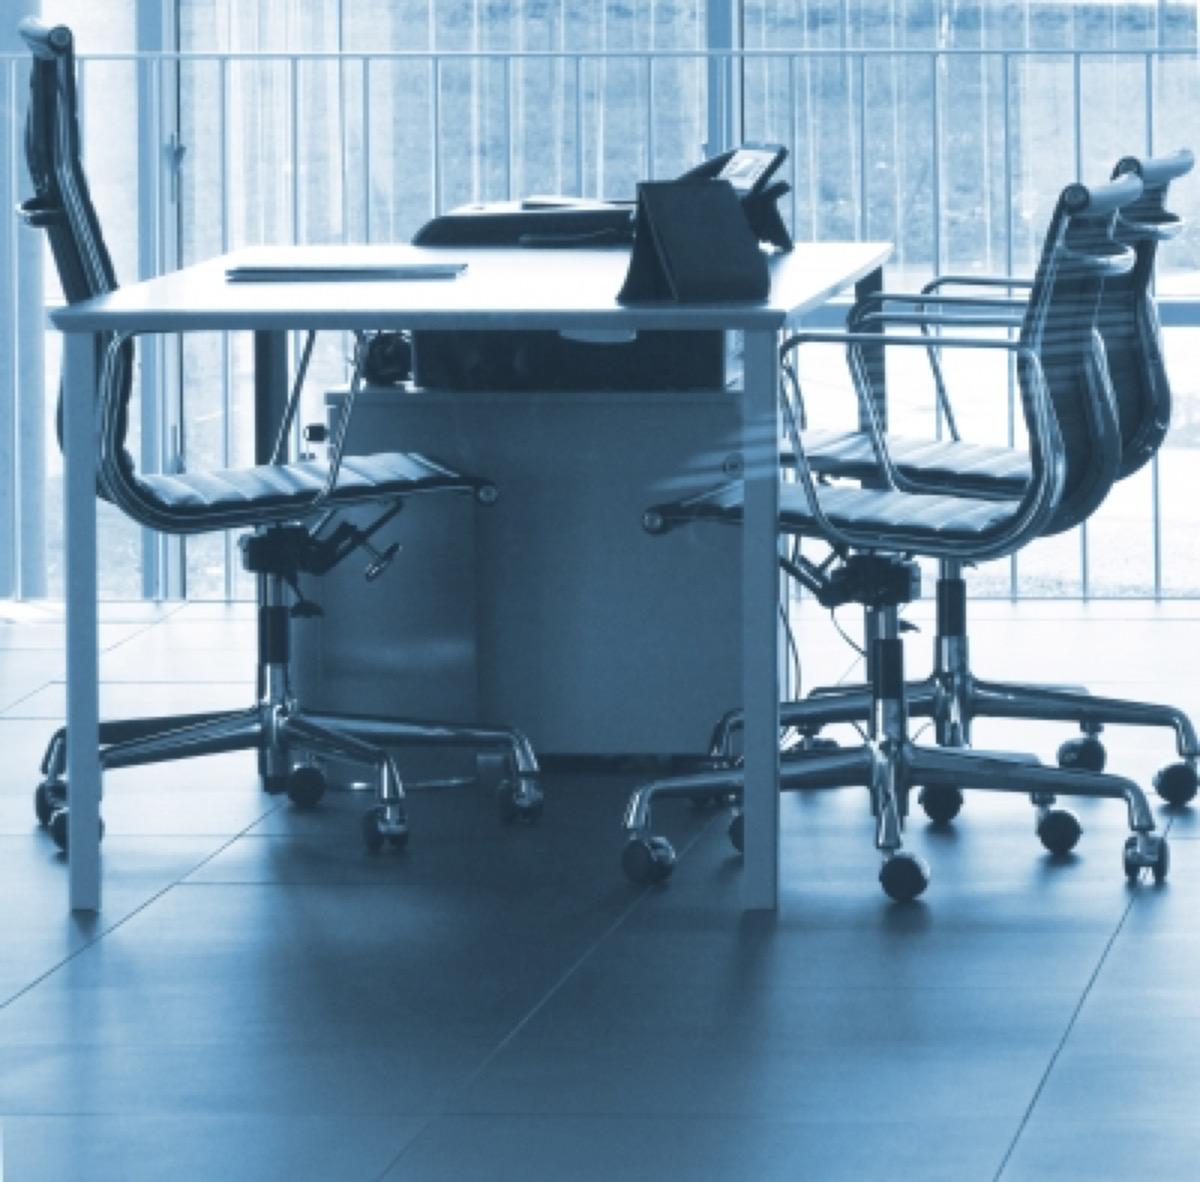 Büros optimal einrichten: Die wichtigsten Aspekte - Puffbohne.de